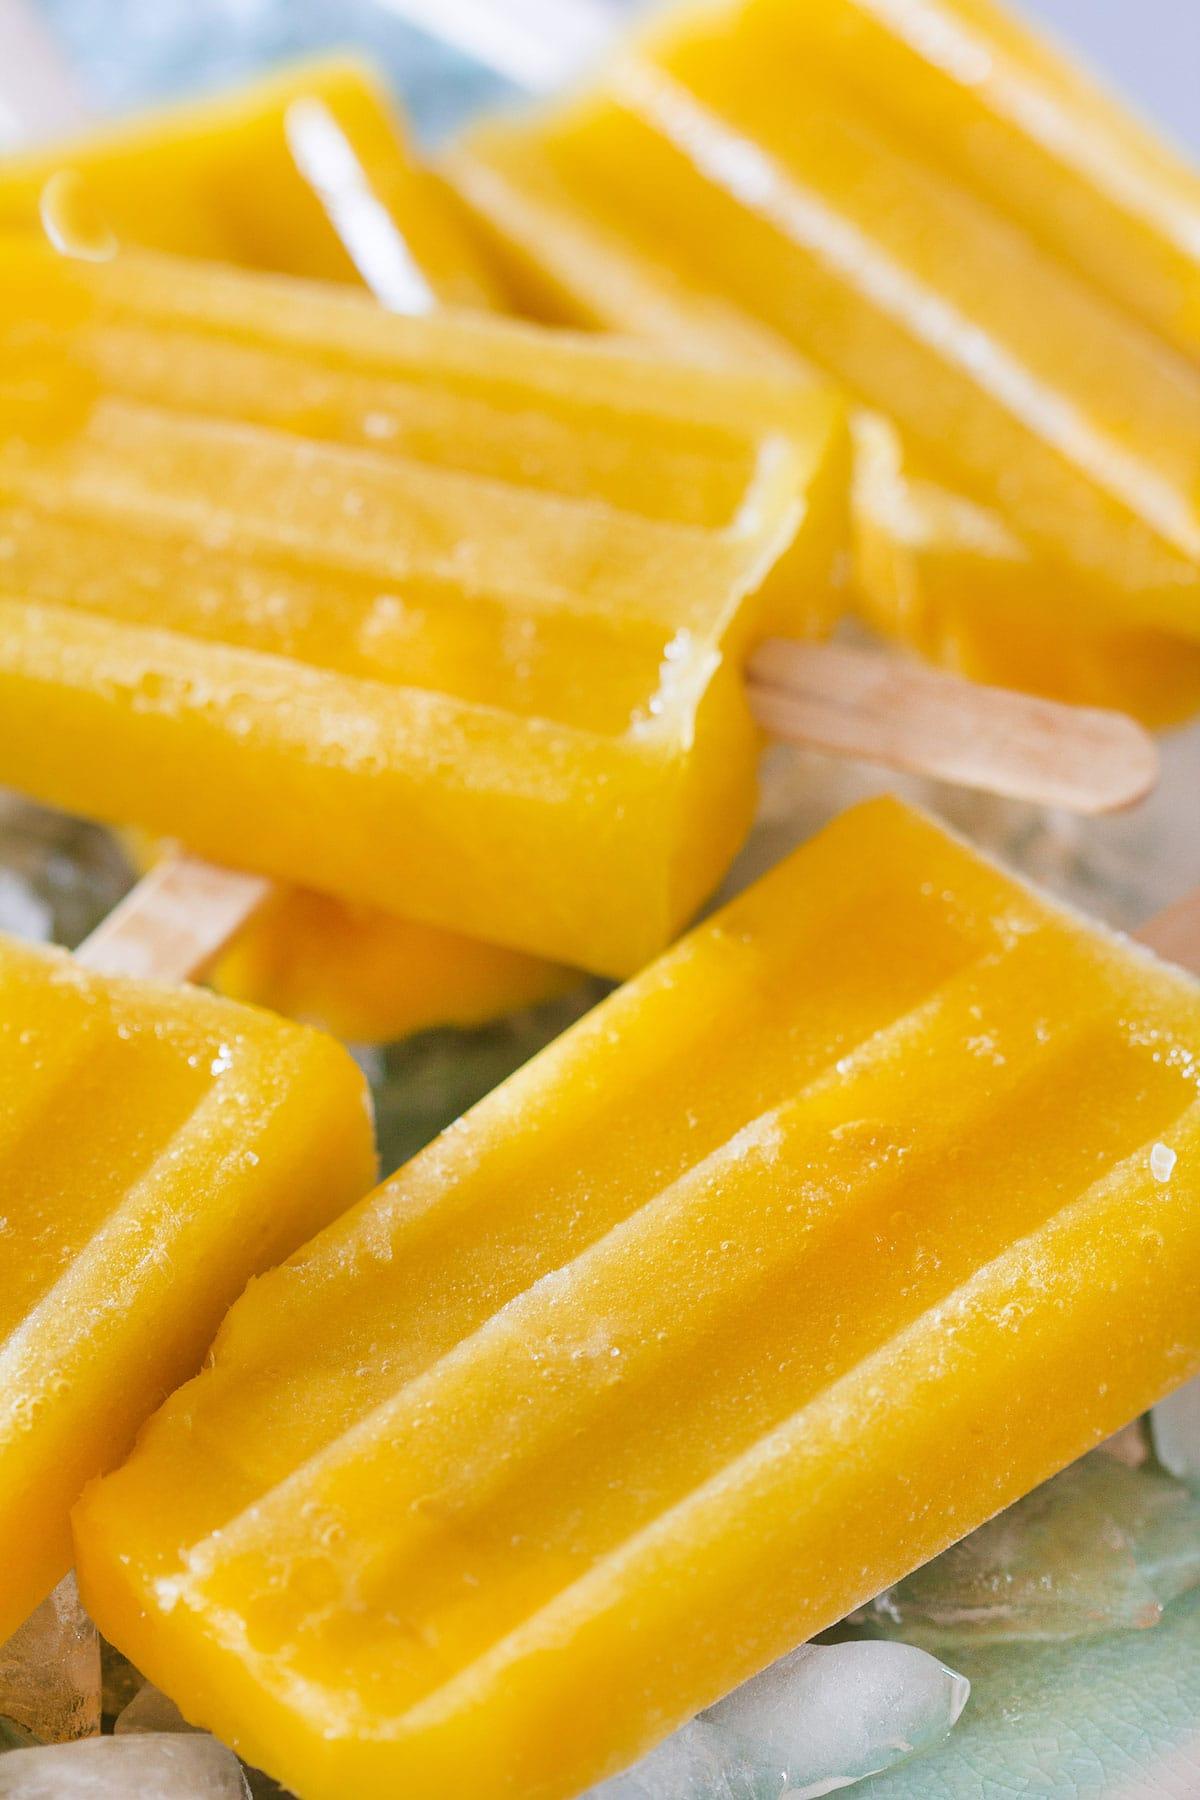 Paletas de mango (mango popsicles) closeup.